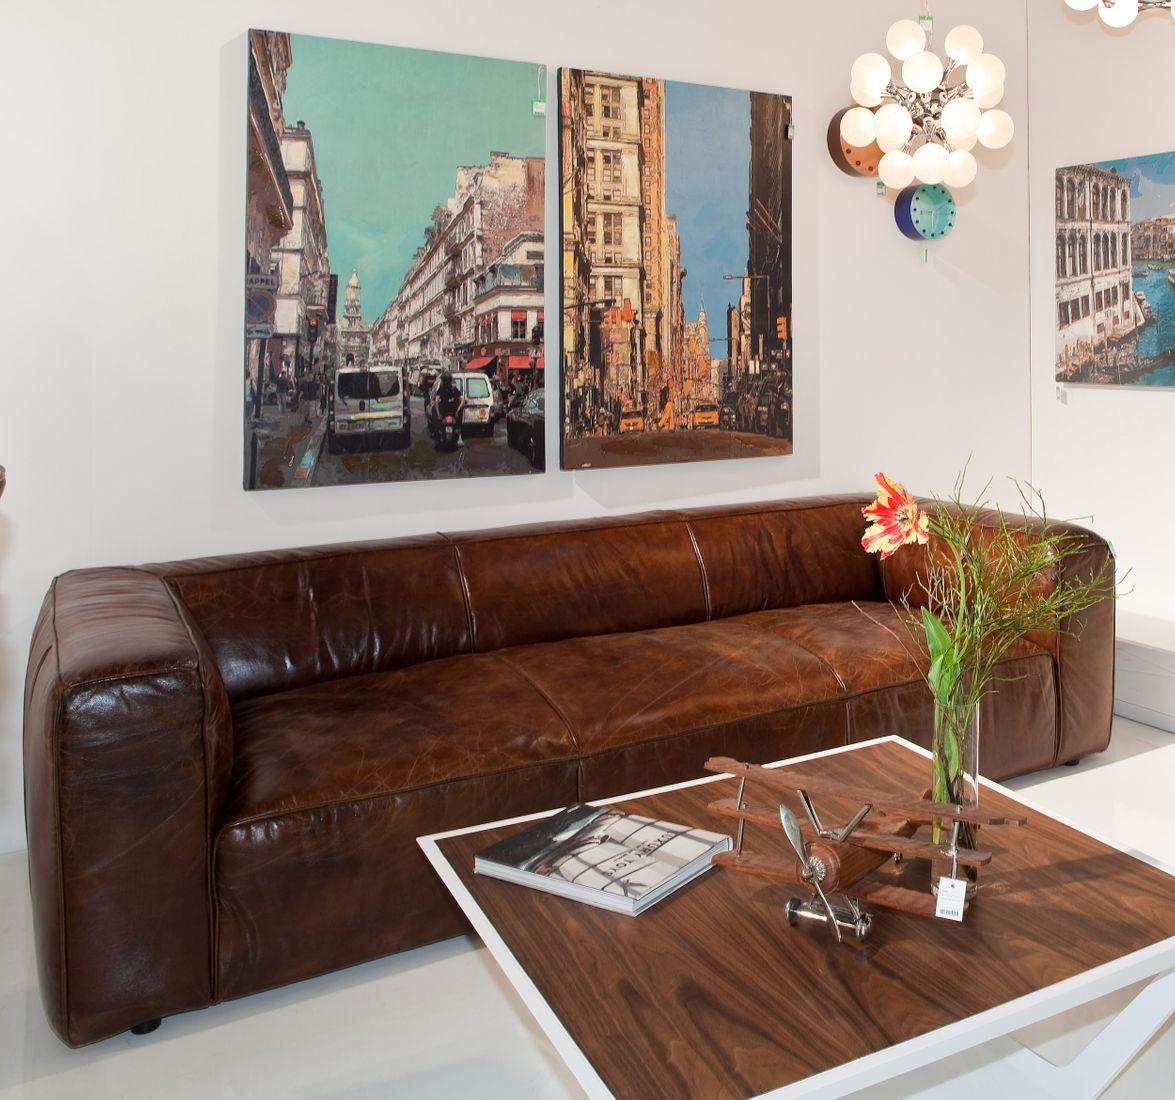 dewall sofa cubetto leder braun 3 sitzer rindsleder echteder ledersofa. Black Bedroom Furniture Sets. Home Design Ideas